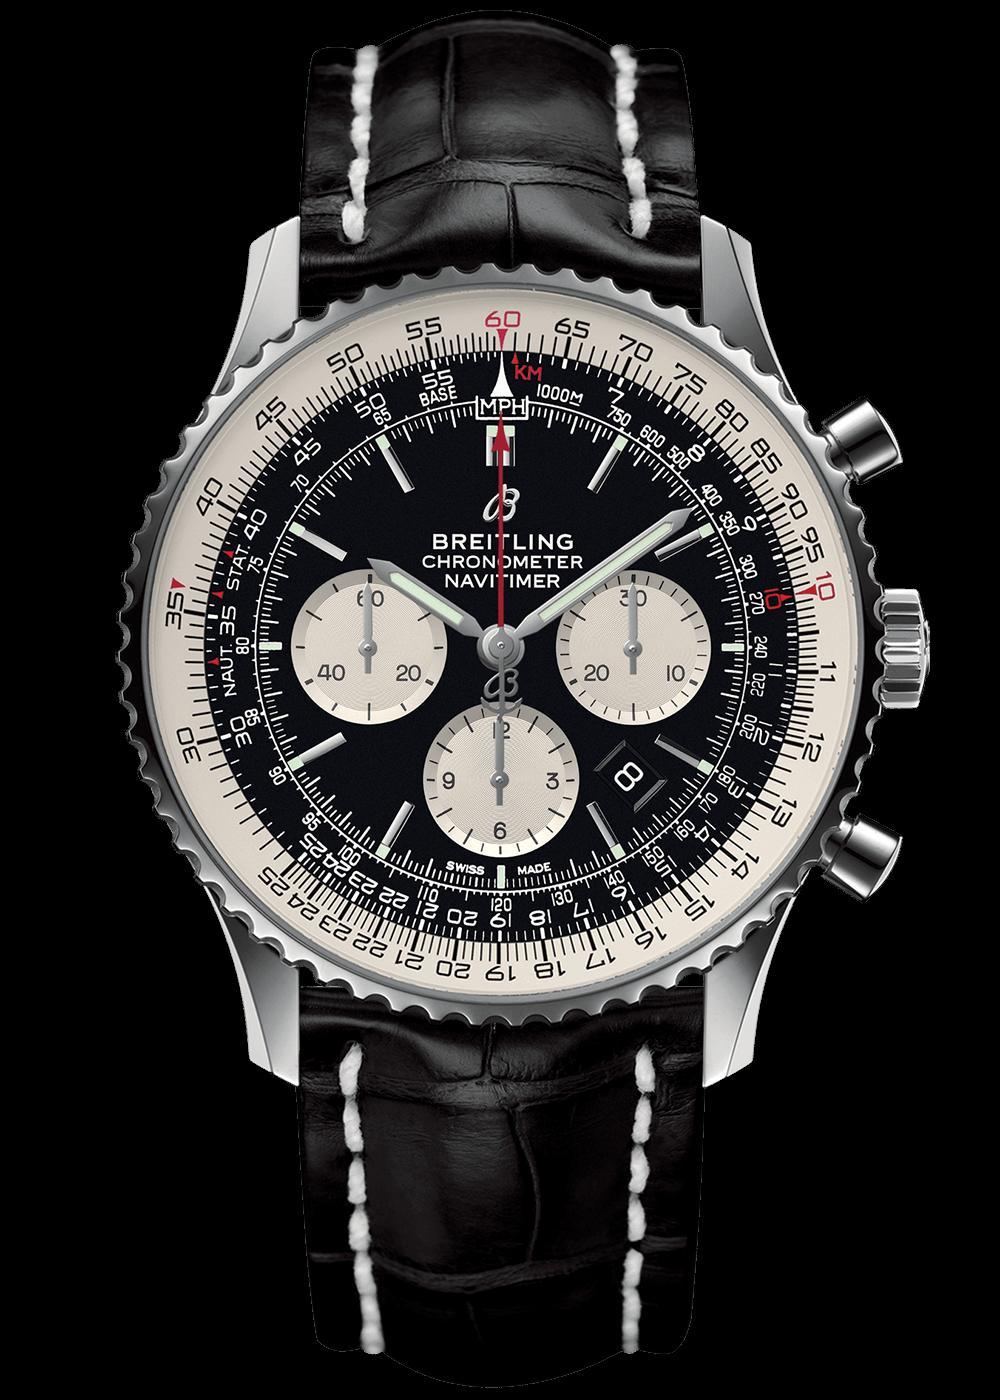 Breitling Chronometer Navitimer